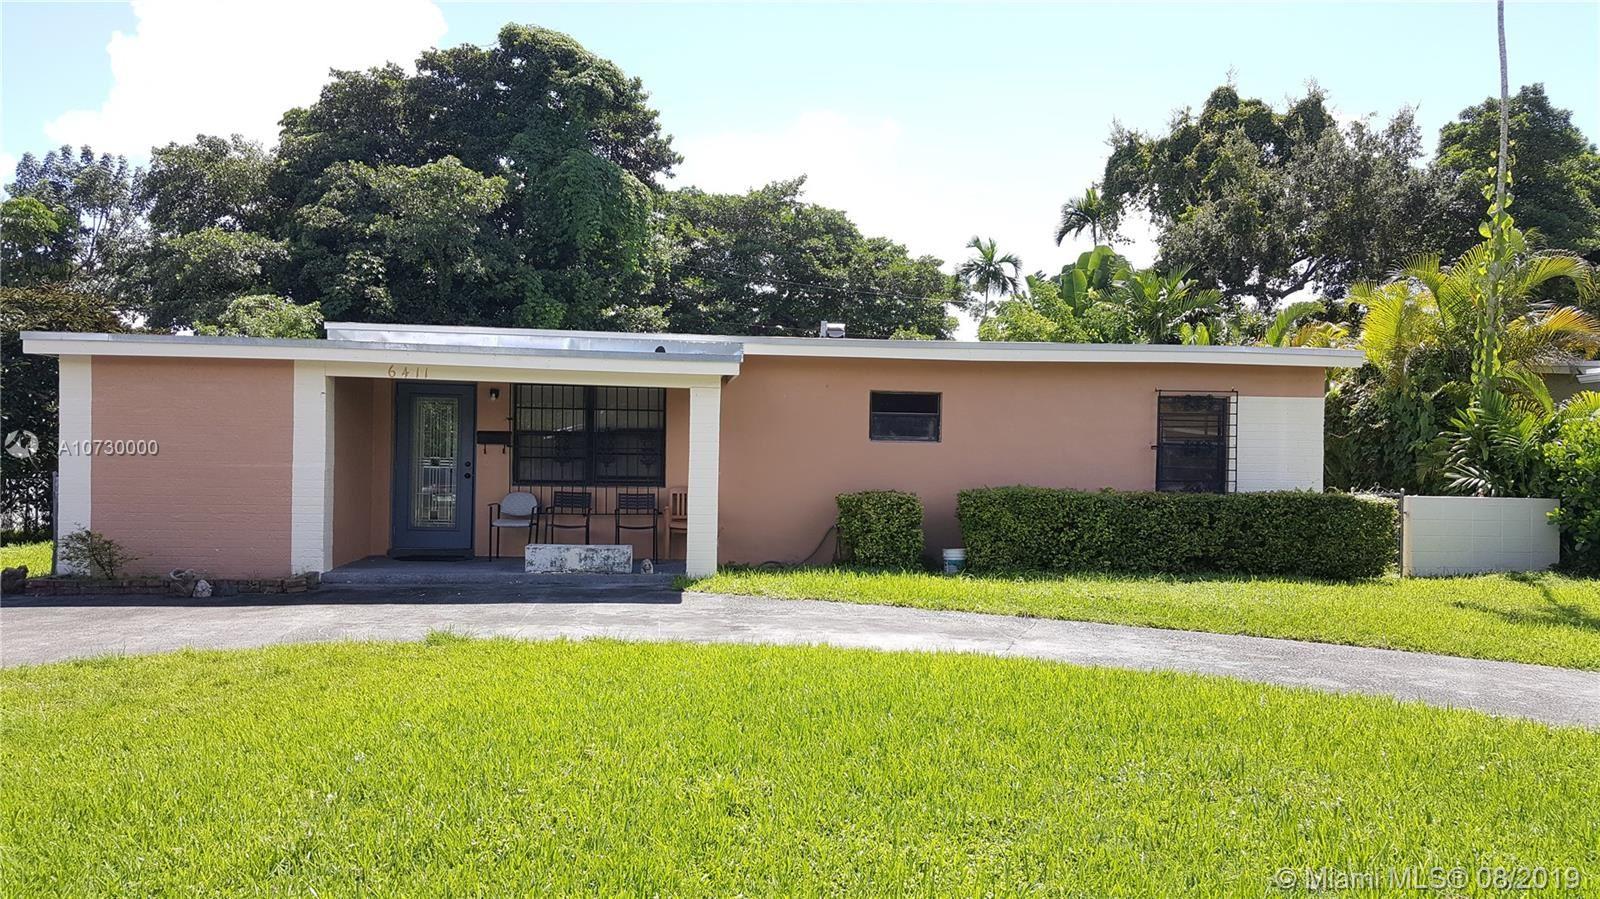 6411 SW 64th Ct, South Miami, FL 33143 - #: A10730000